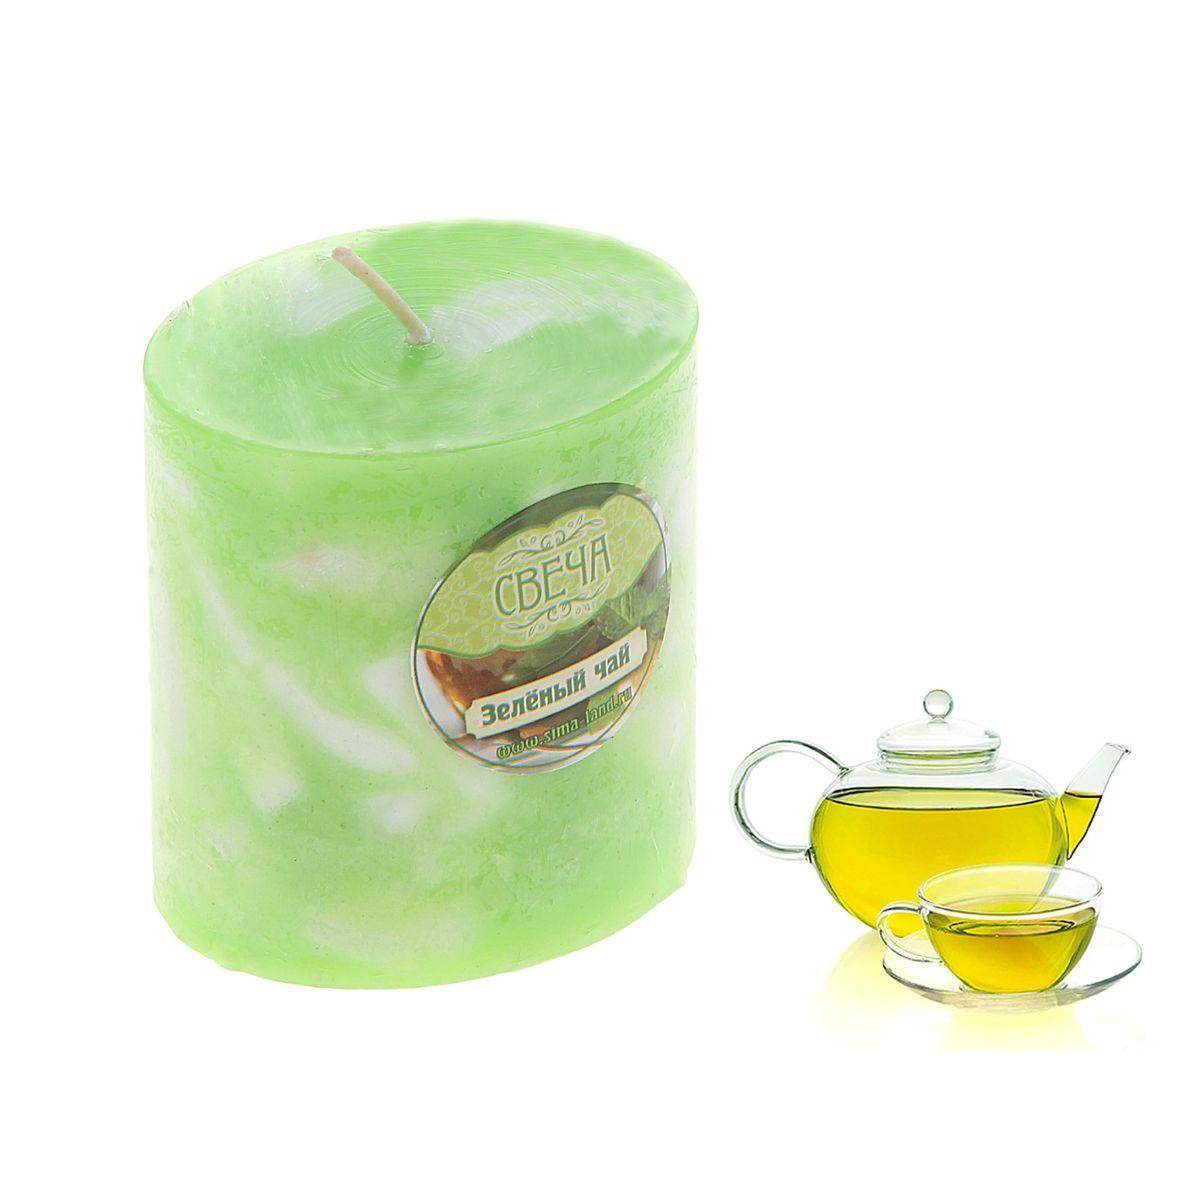 Свеча ароматизированная Sima-land Слияние, с ароматом зеленого чая, цвет: салатовый, белый, высота 7 см849600Ароматизированная свеча Sima-land Слияние изготовлена из воска. Изделие отличается оригинальным дизайном и приятным ароматом зеленого чая.Свеча Sima-land Слияние - это прекрасный выбор для тех, кто хочет сделать запоминающийся презент родным и близким. Она поможет создать атмосферу праздника. Такой подарок запомнится надолго.